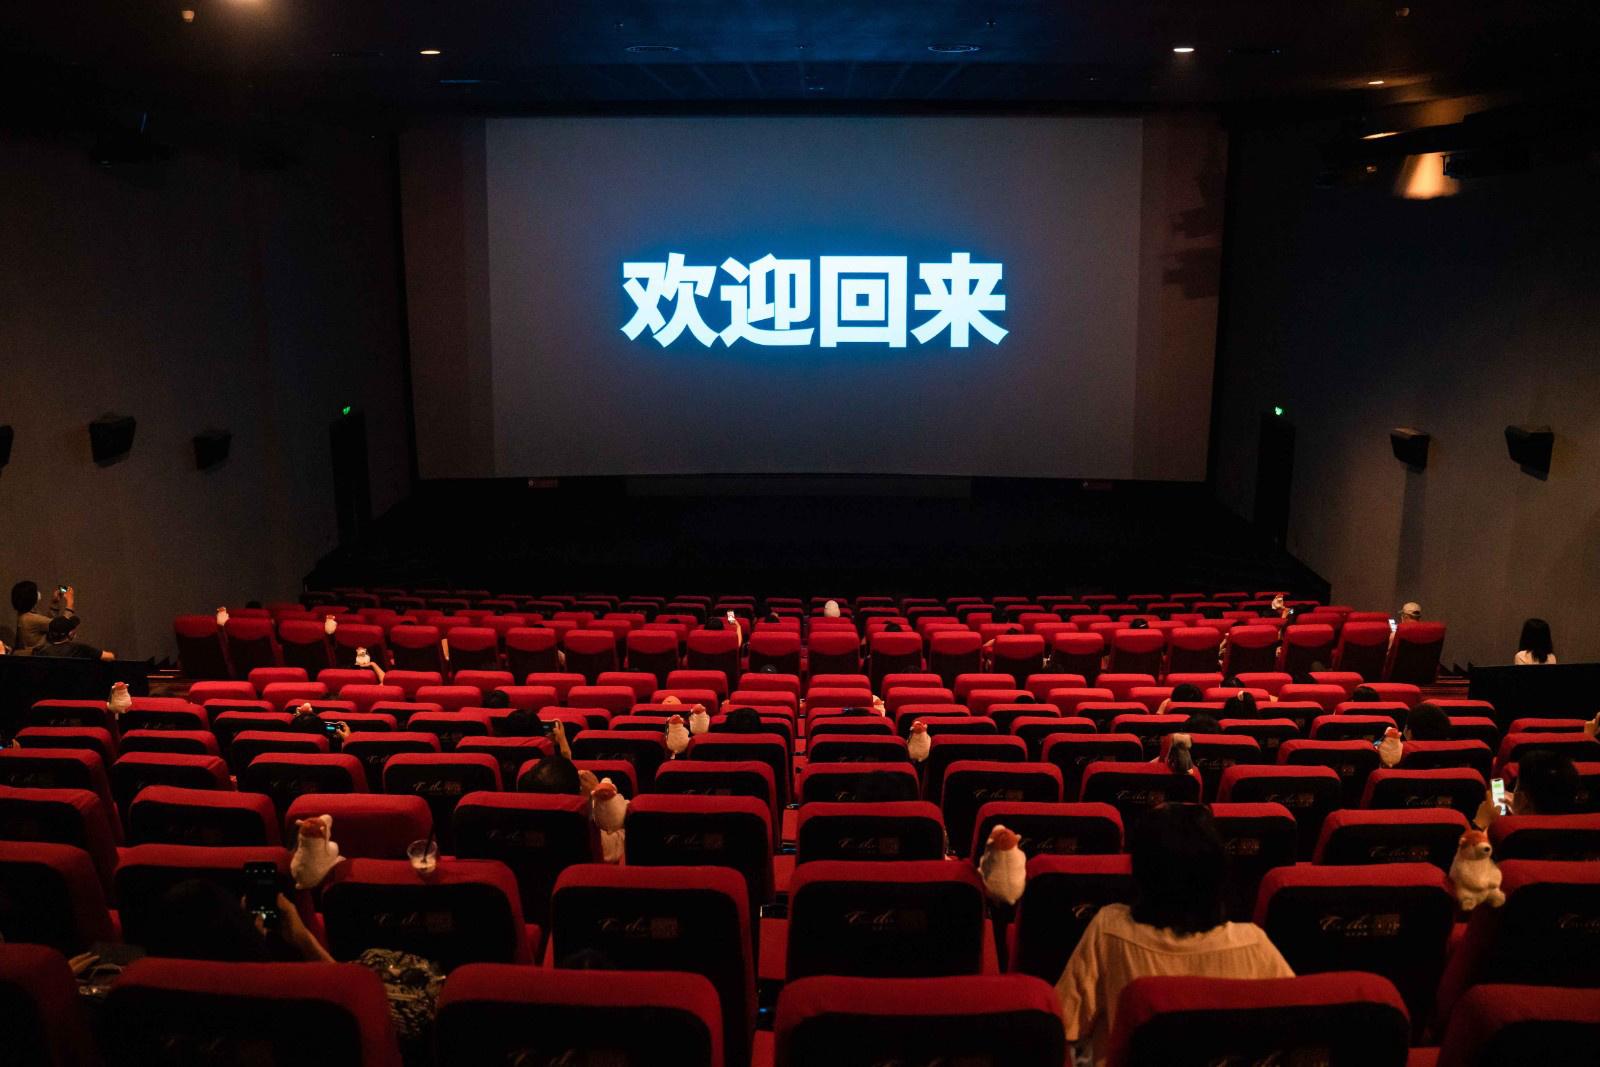 全球影业举行复工后首场观影 《多力特》惊喜上映 第3张